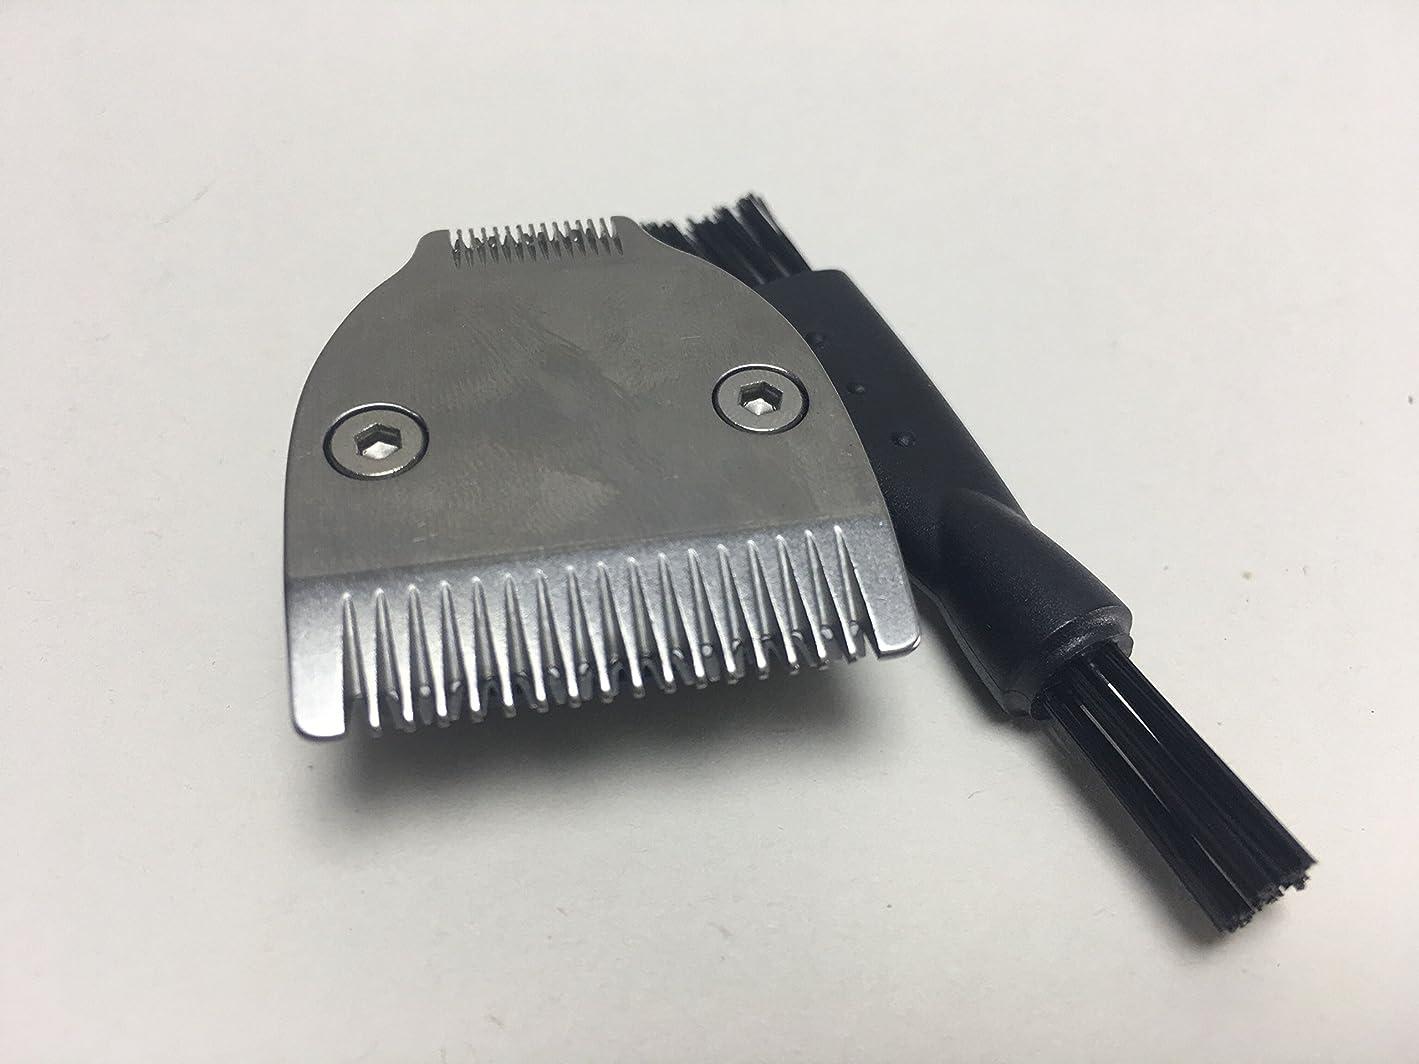 シェーバーヘッドバーバーブレード フィリップス QS6100 QS6140 QS6160 QS6100/50 QS6141 QS6161 QS6141/33 ノレッコ ワン?ブレード 交換用ブレード For Philips Shaver Razor Head Blade clipper Cutter